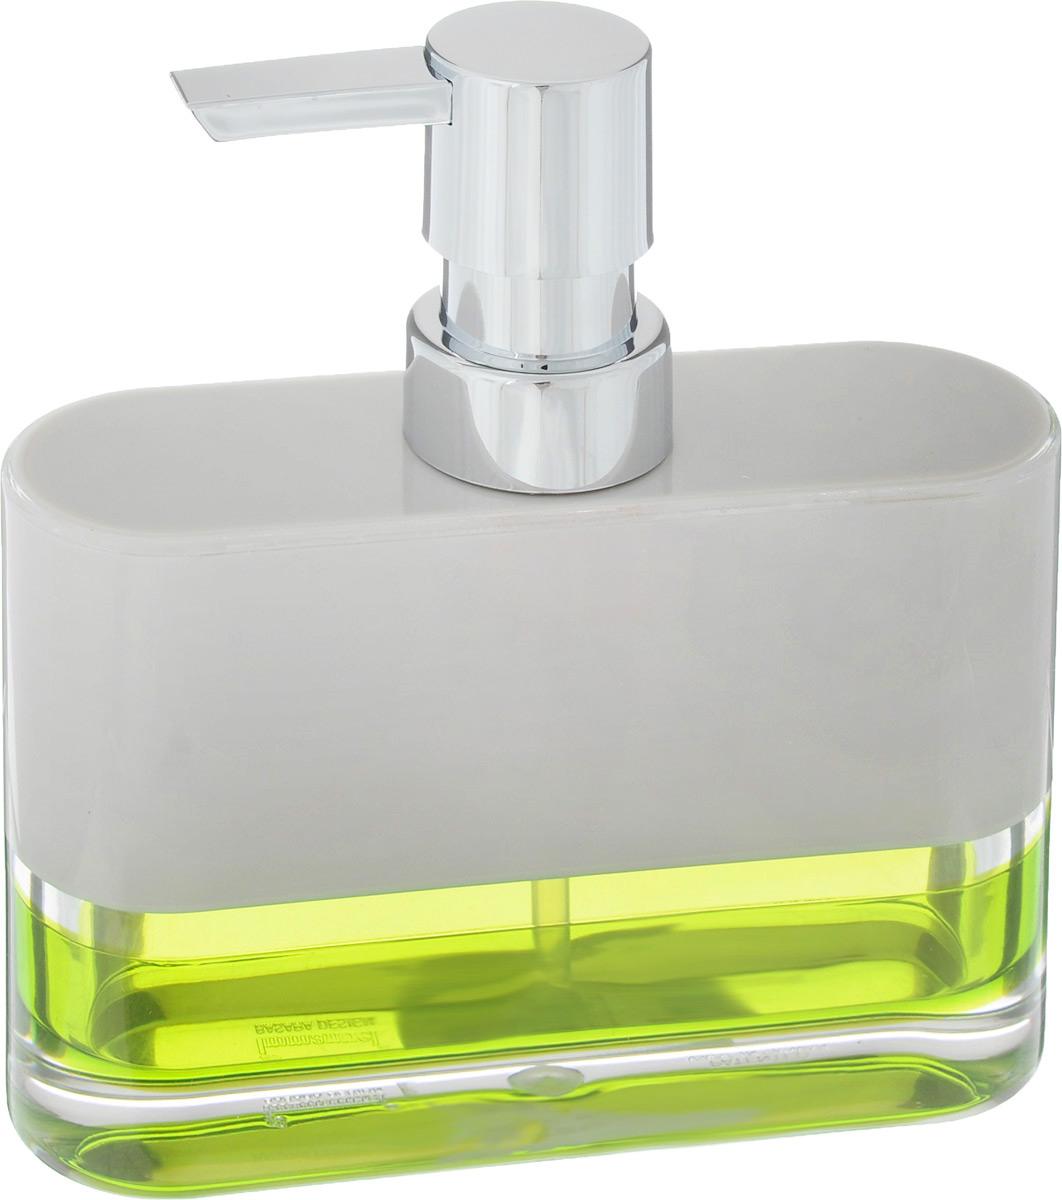 Дозатор для жидкого мыла Tatkraft Topaz Green68/5/4Дозатор для жидкого мыла Tatkraft Topaz Green изготовлен из акрила. Основание дополнено яркой вставкой. Такой аксессуар очень удобен в использовании: достаточно лишь перелить жидкое мыло в дозатор, а когда необходимо использование мыла, легким нажатием выдавить нужное количество. Дозатор Tatkraft Topaz Green станет стильным аксессуаром и красиво дополнит интерьер ванной комнаты.